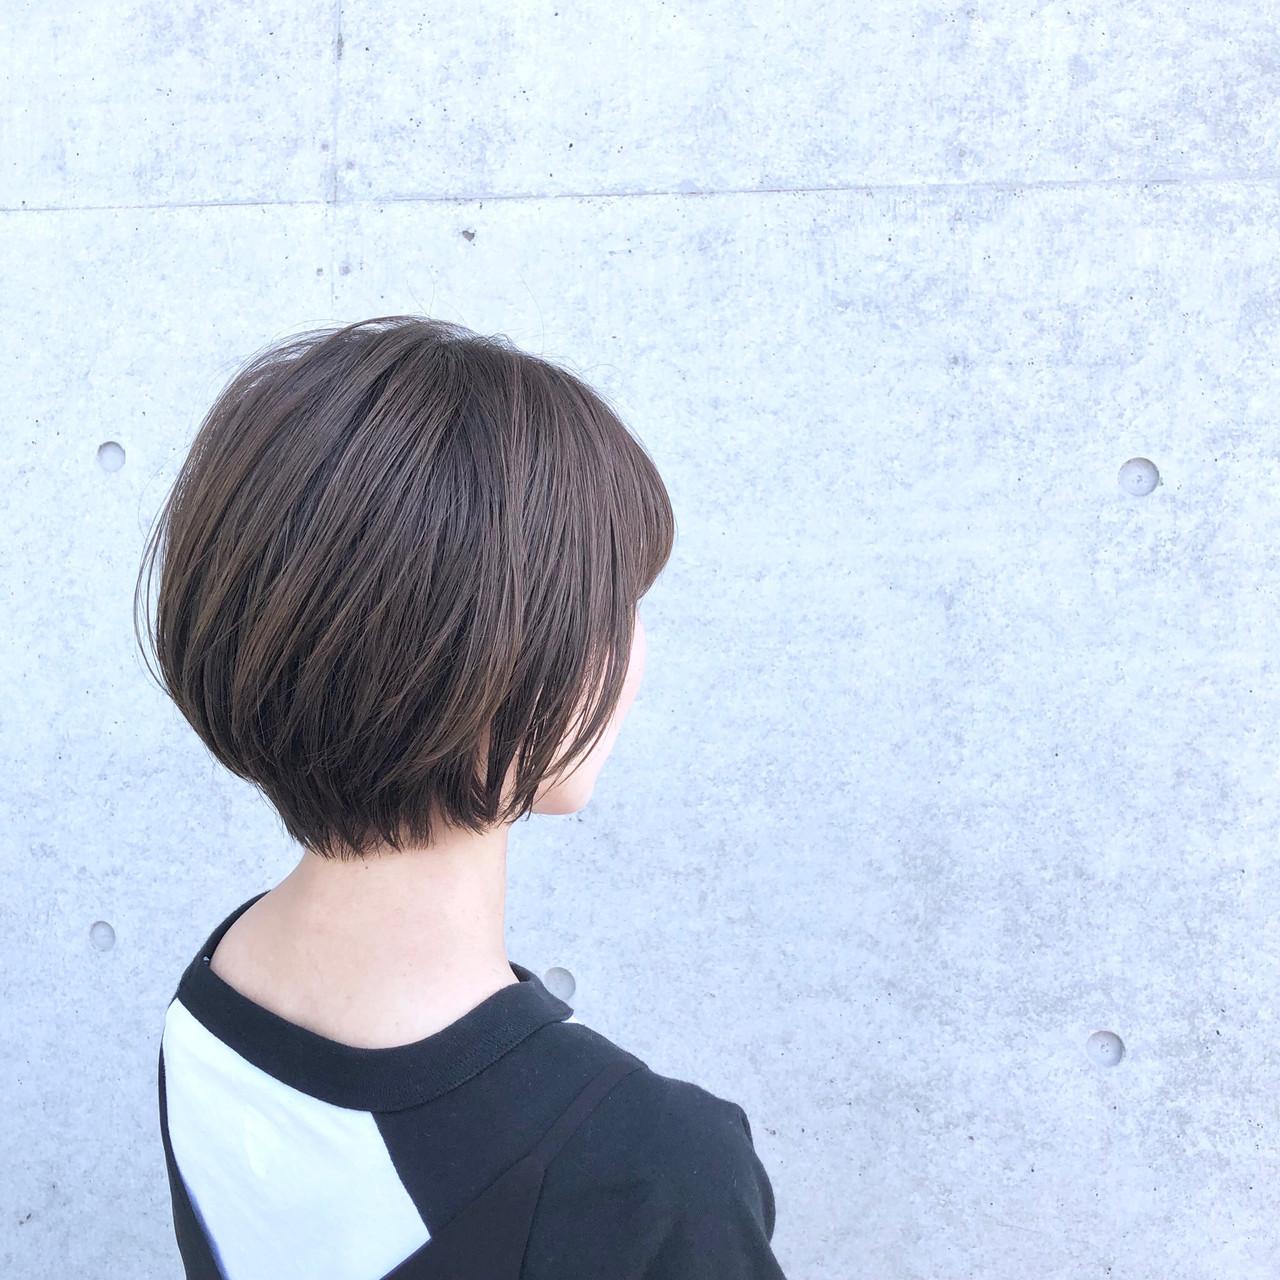 ナチュラル ショート ショートボブ 艶髪 ヘアスタイルや髪型の写真・画像 | 藤原 彰麻 / créde hair's 五日市店